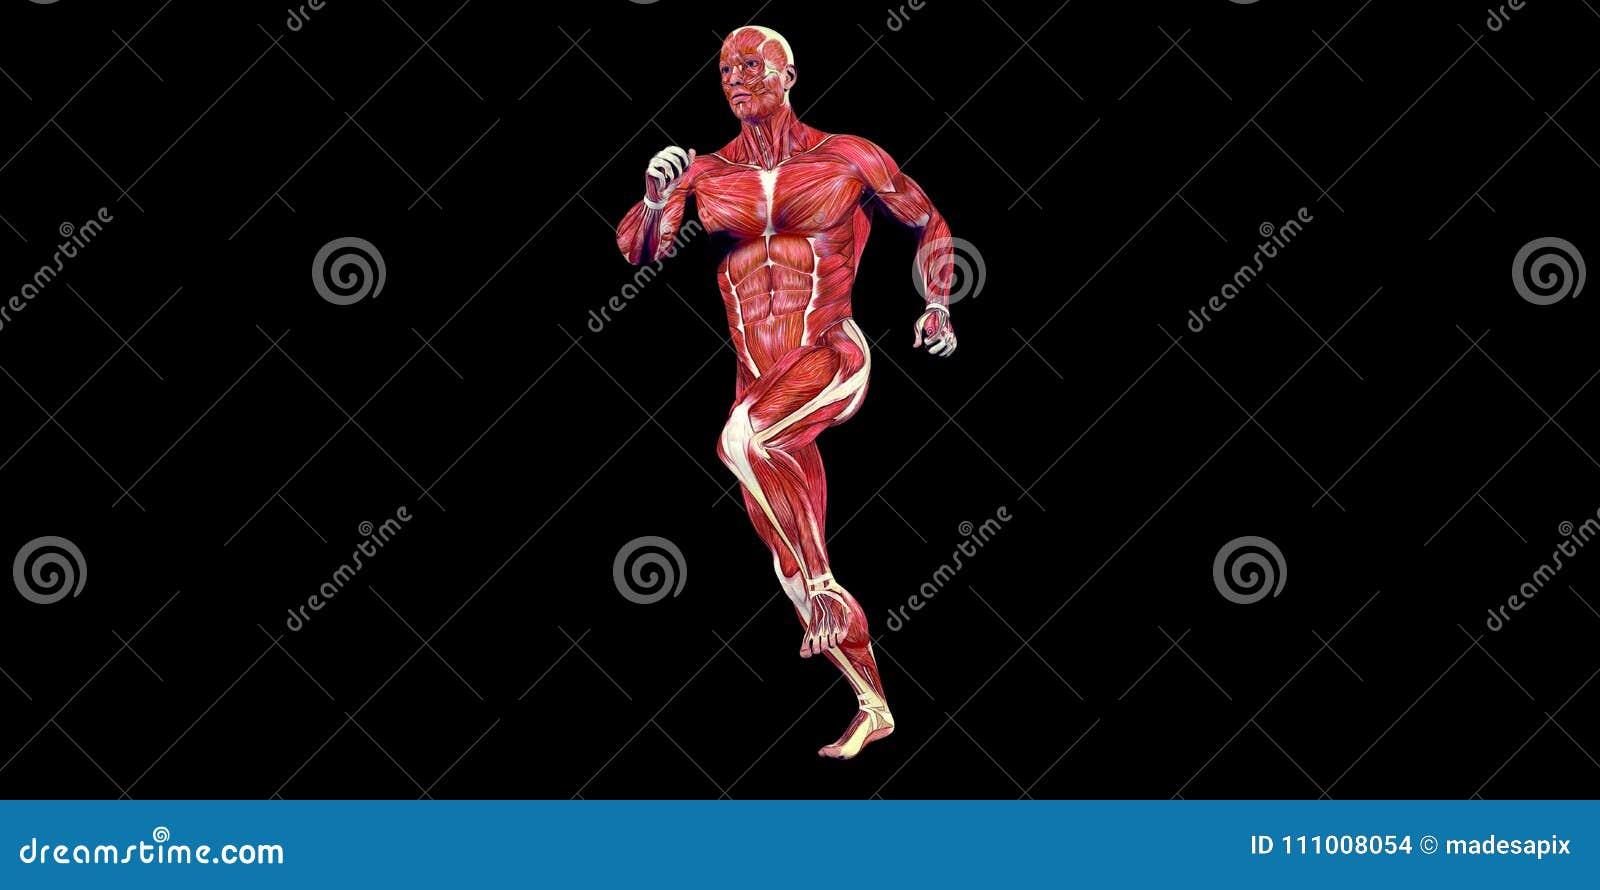 Ilustração humana da anatomia do corpo masculino da articulação do joelho humana com músculos visíveis